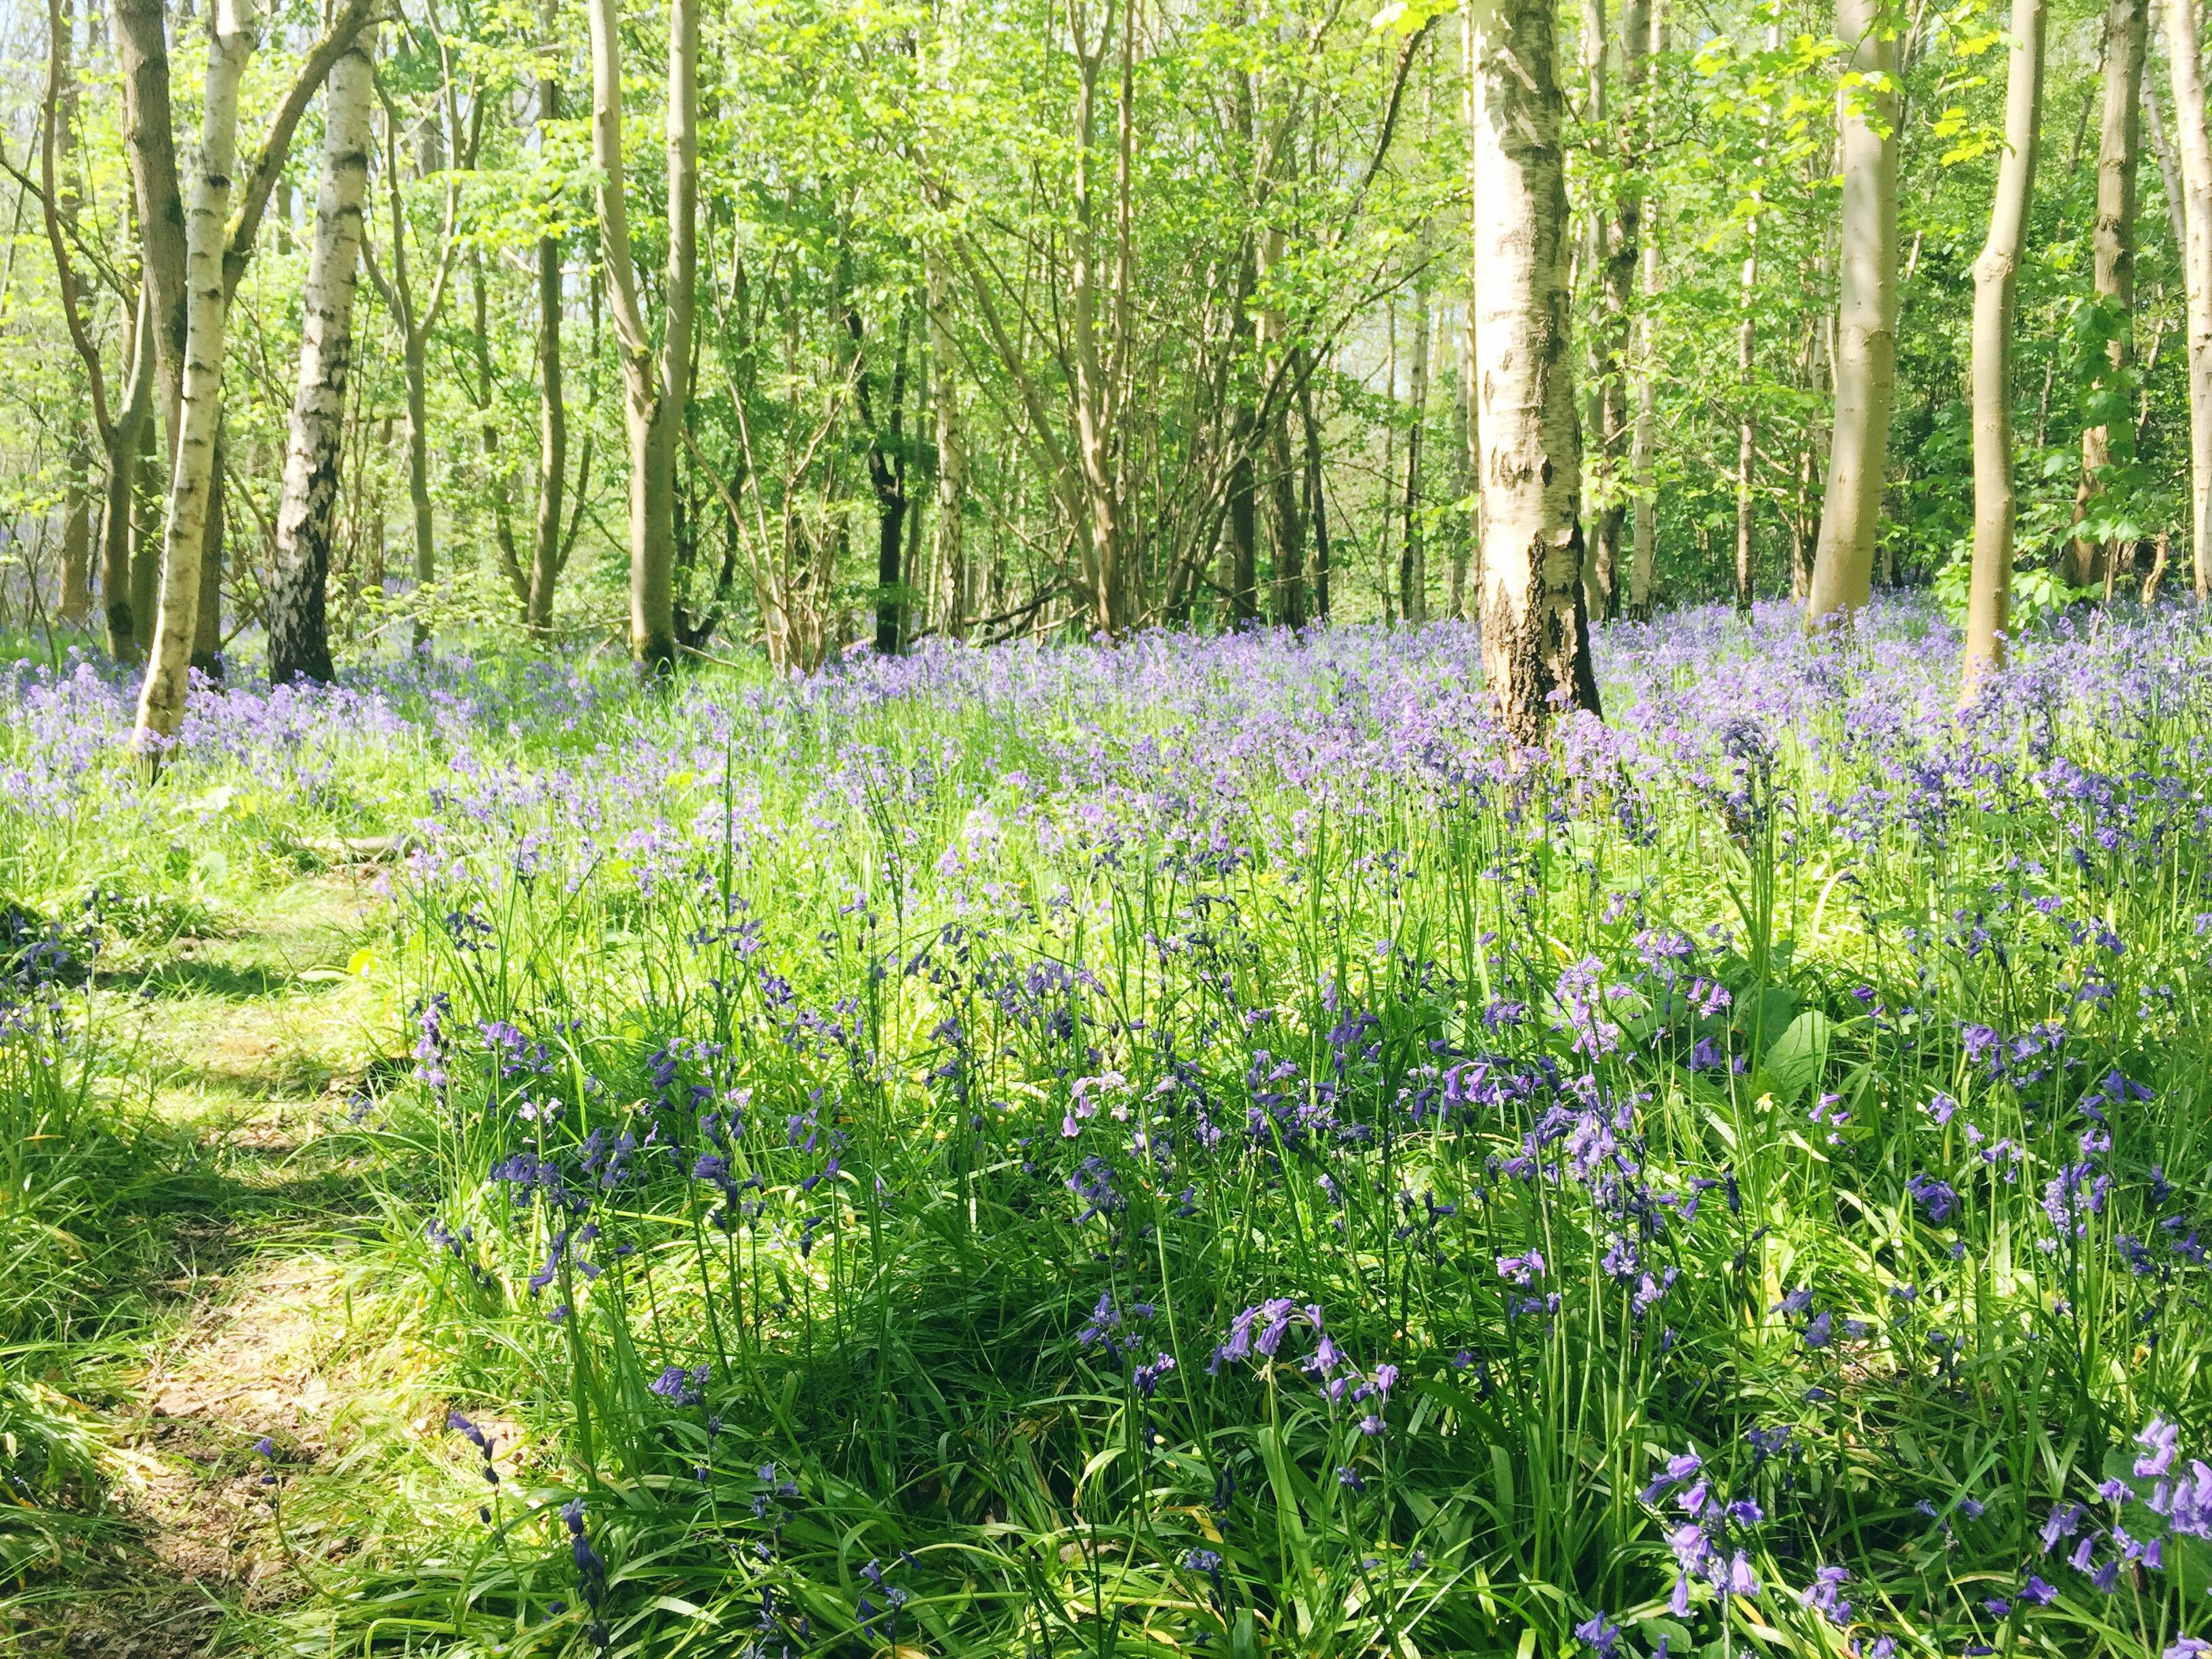 bluebell woods landscape 5